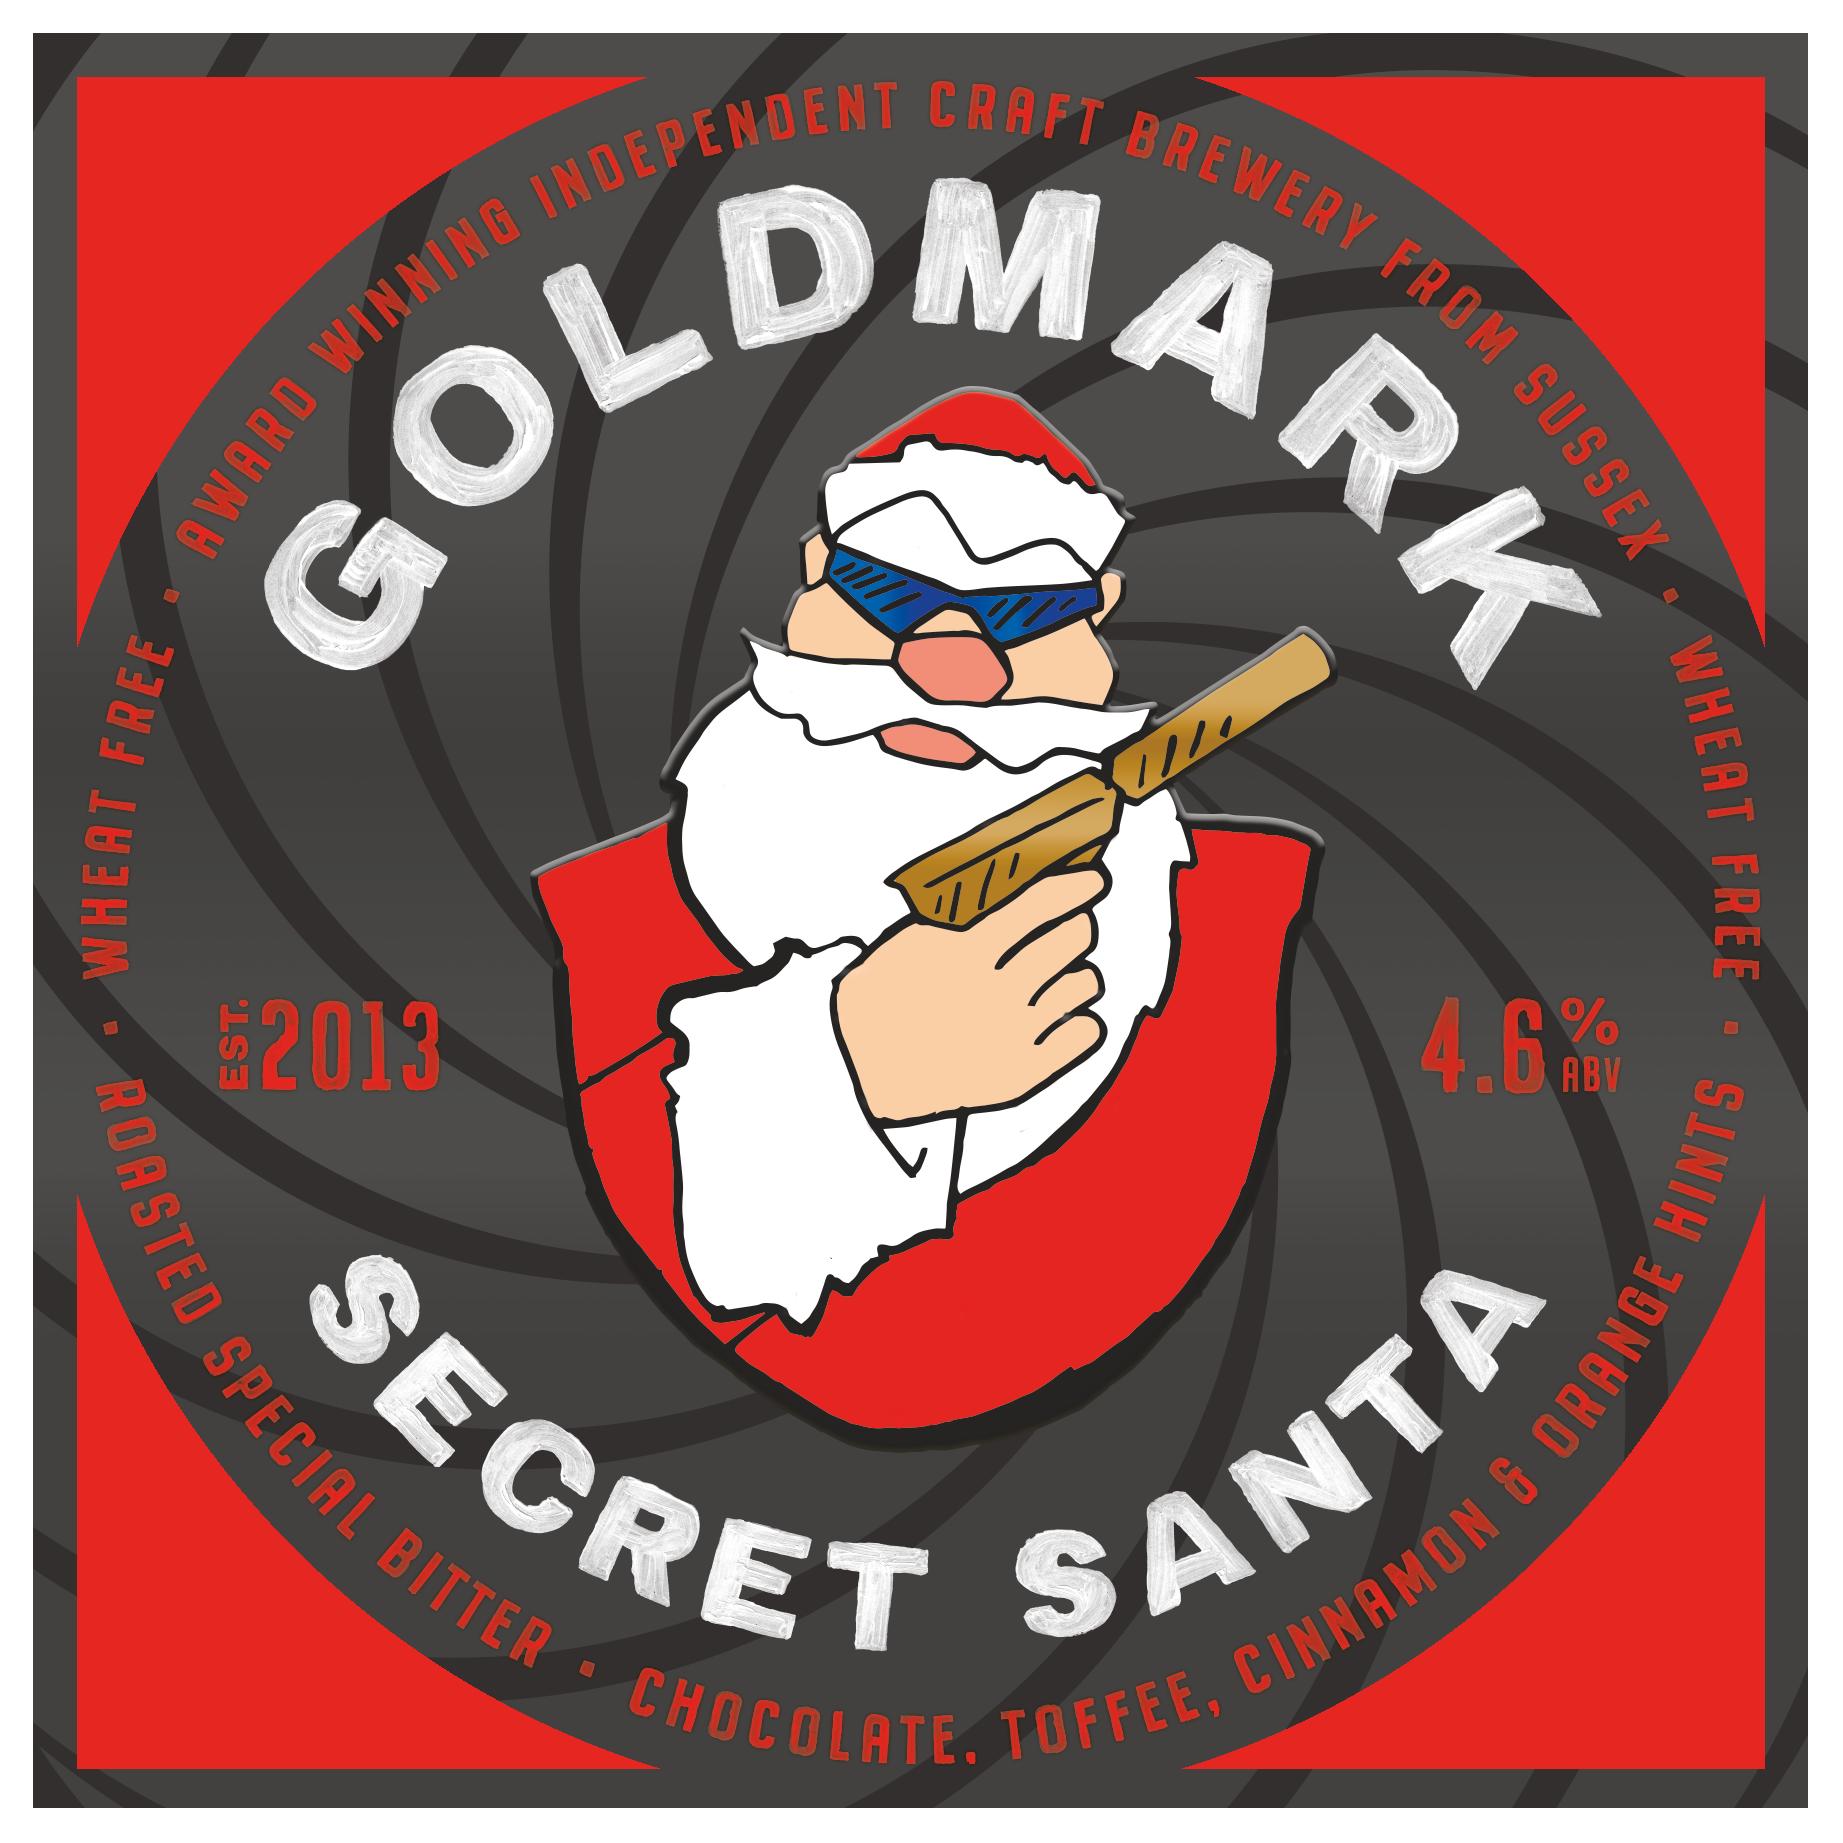 Goldmark Secret Santa Christmas Special Bitter